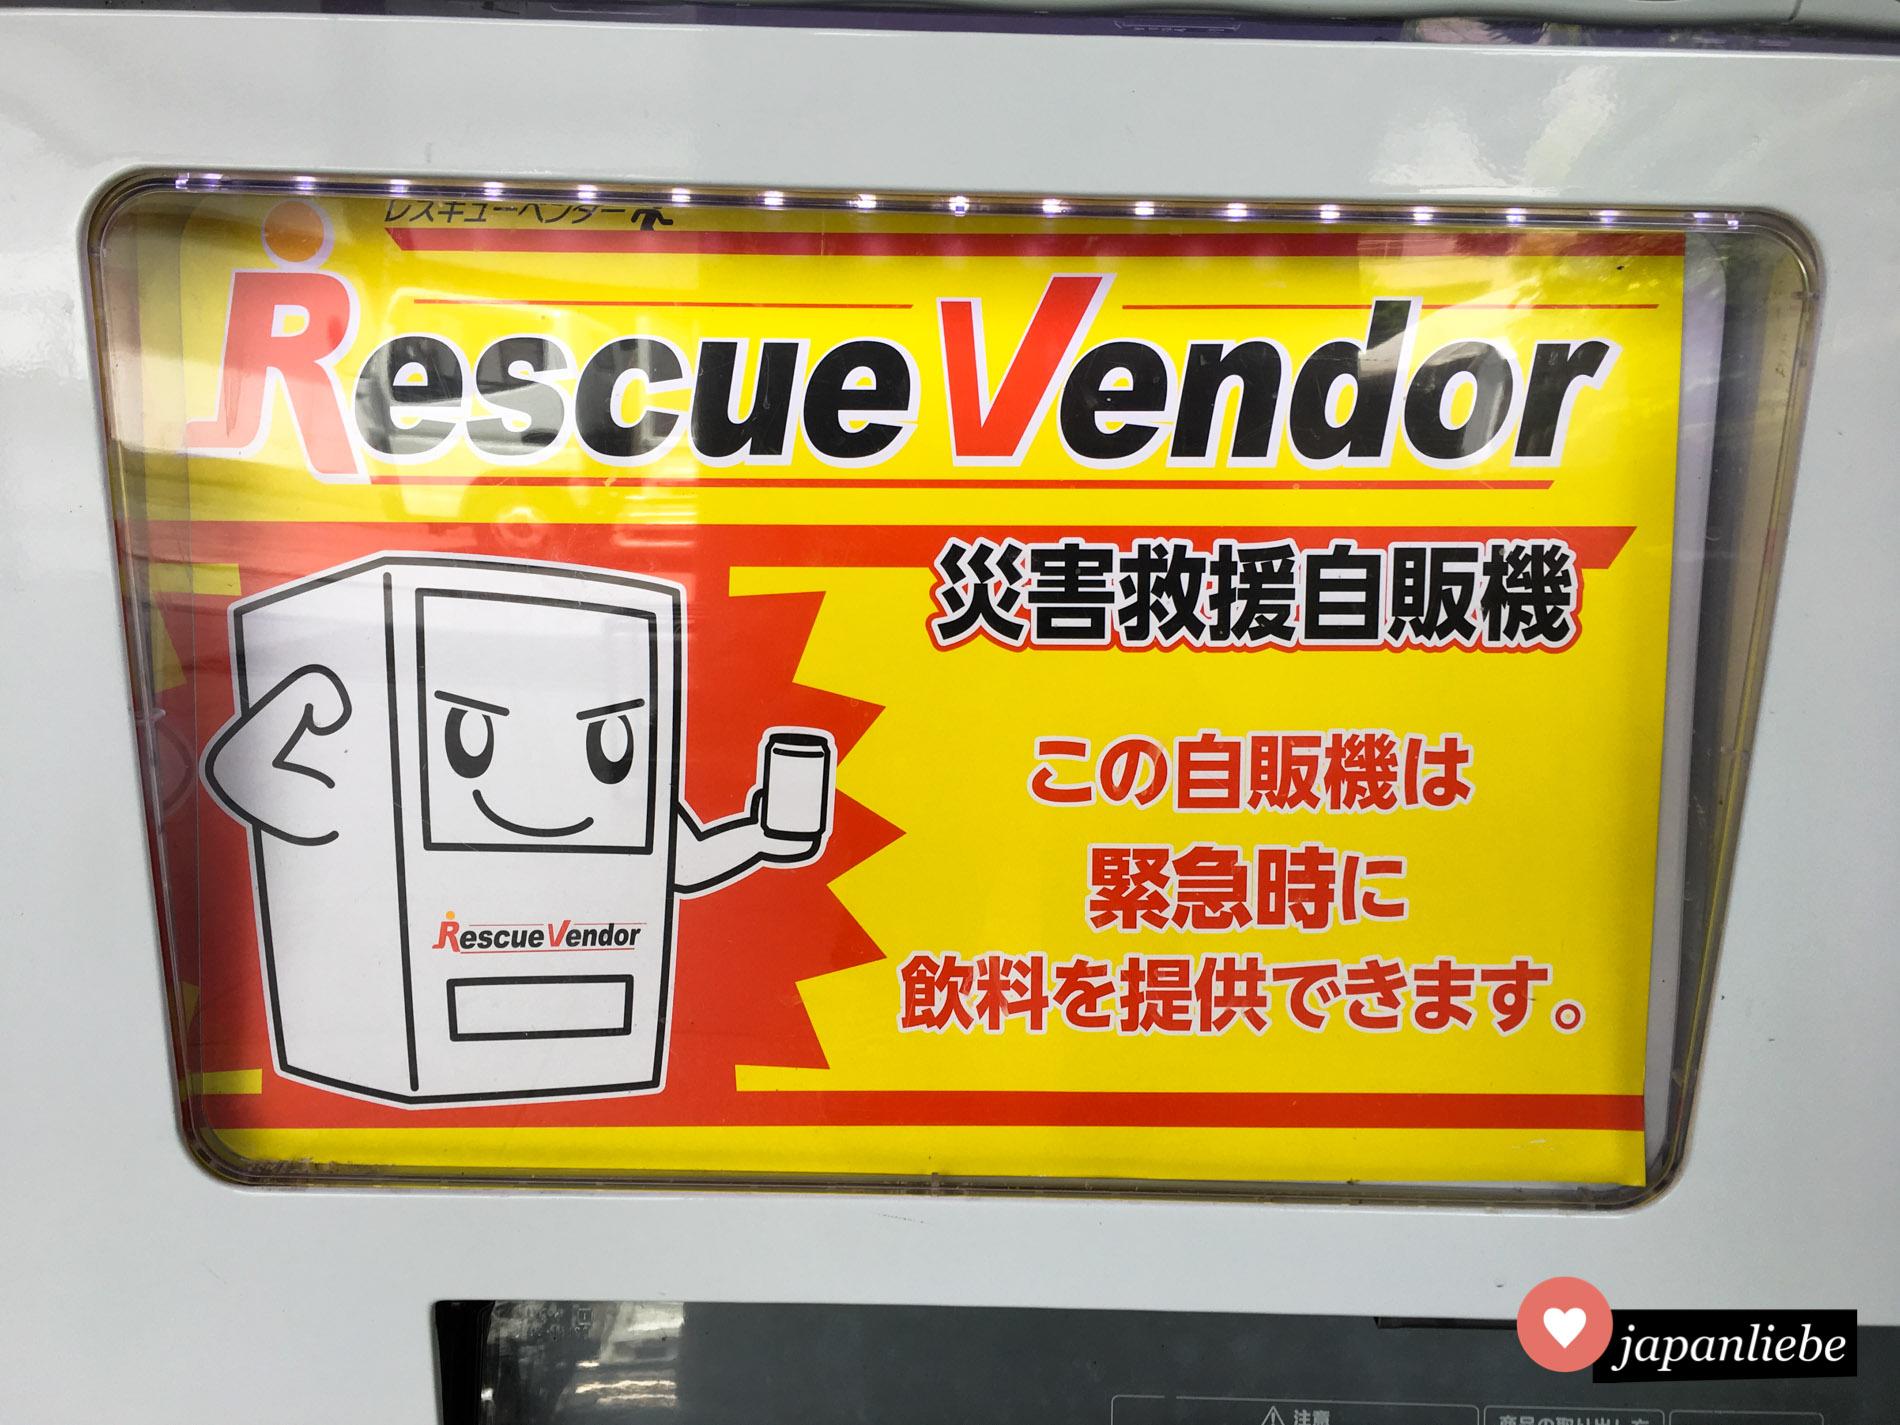 Es gibt Getränkeautomaten in Japan, die als Rescue Vendor gekennzeichnet sind. Im Notfall, zum Beispiel nach einem Erdbeeben, geben sie kostenlos Getränke aus.